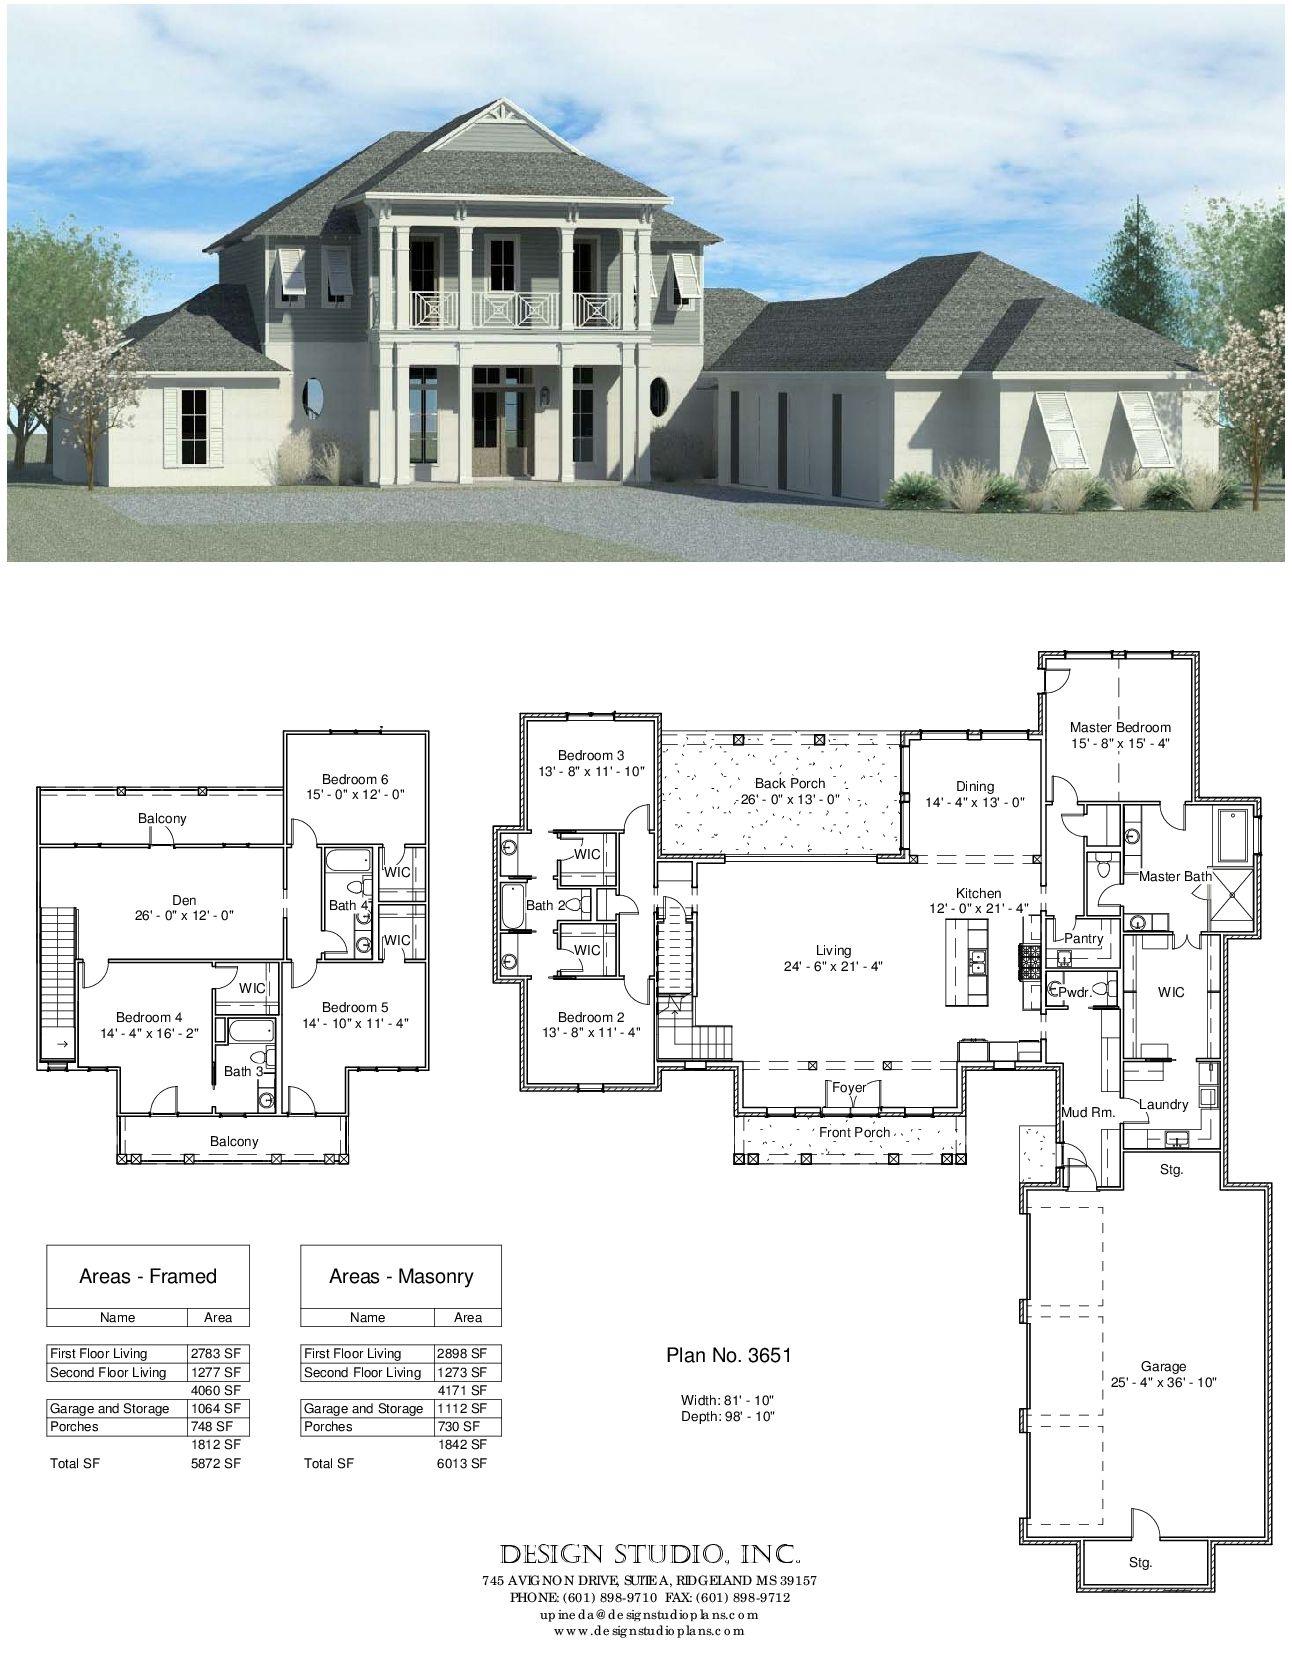 Plan 3651 Design Studio House Plans Mansion House Blueprints Minecraft Houses Blueprints